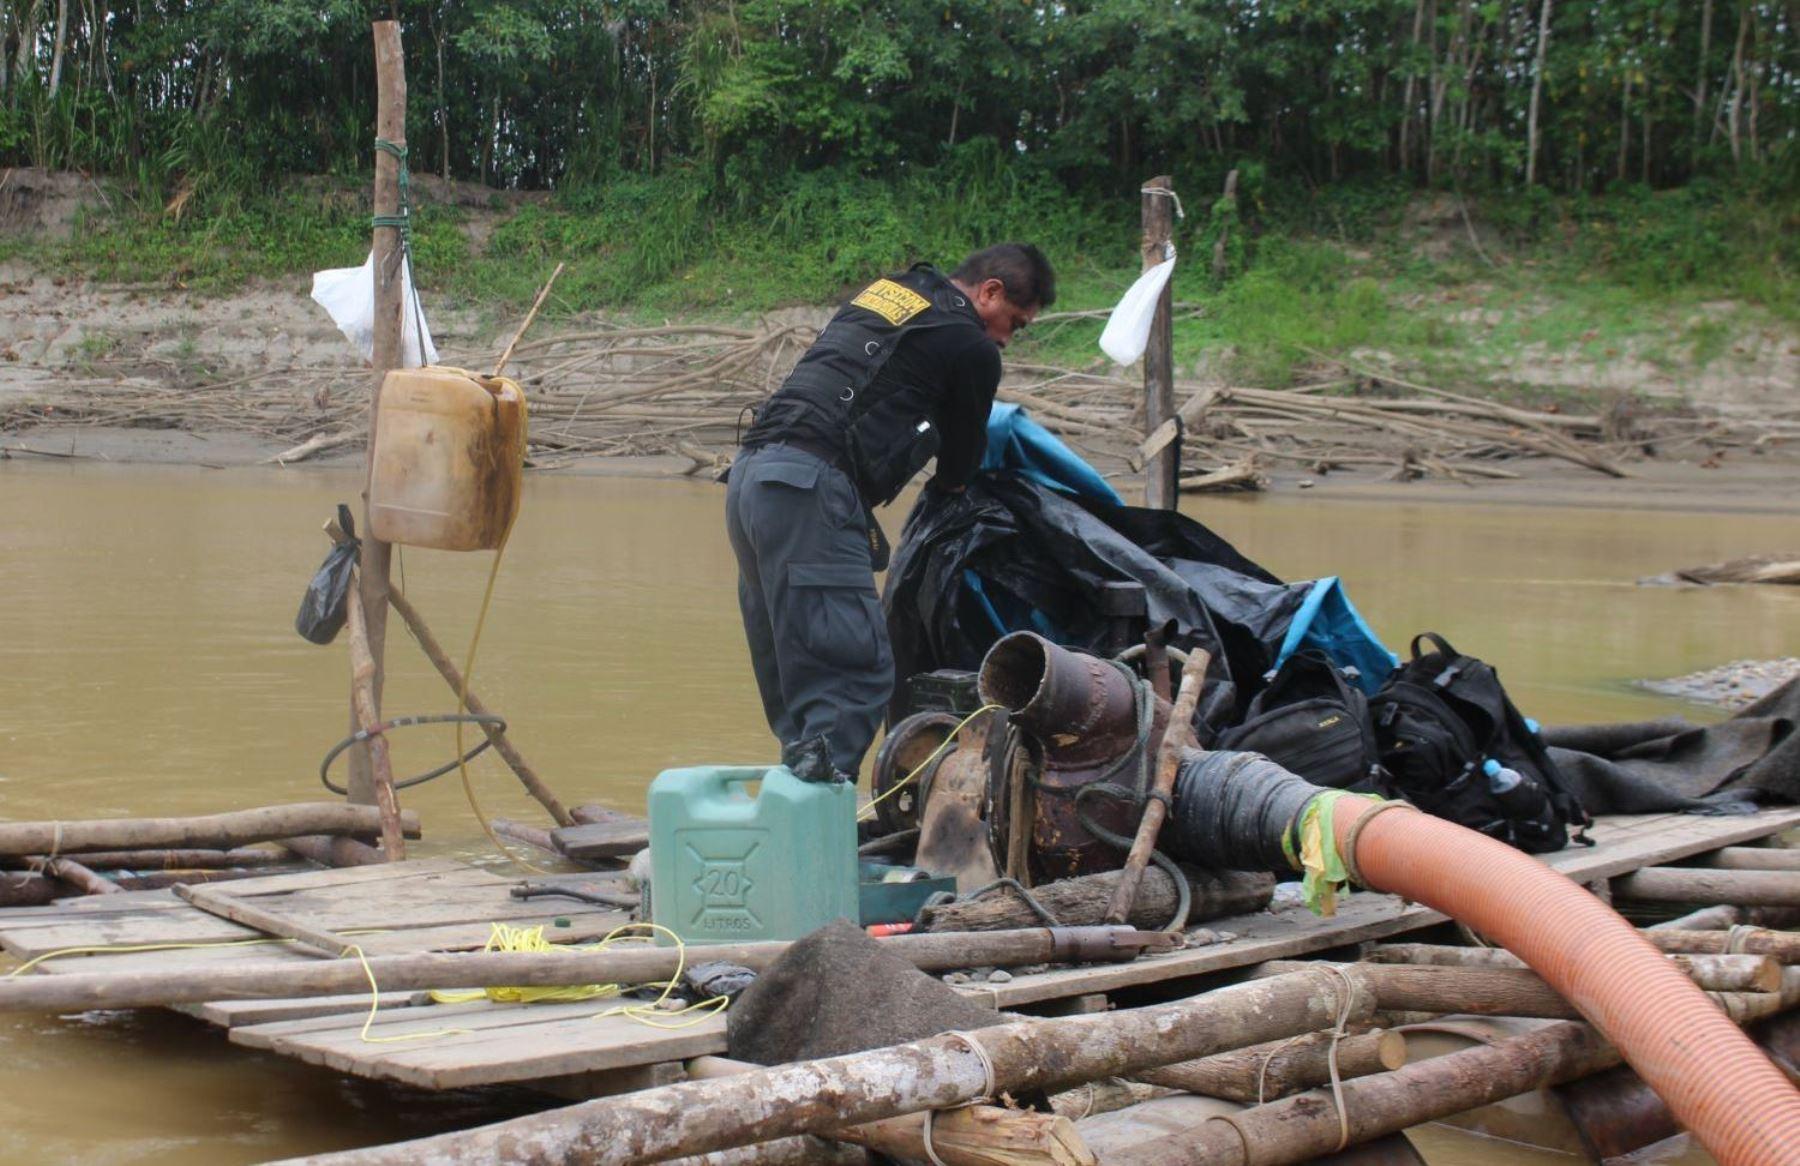 Fuerzas del orden destruyeron equipos y maquinarias empleadas por los mineros ilegales en Madre de Dios.